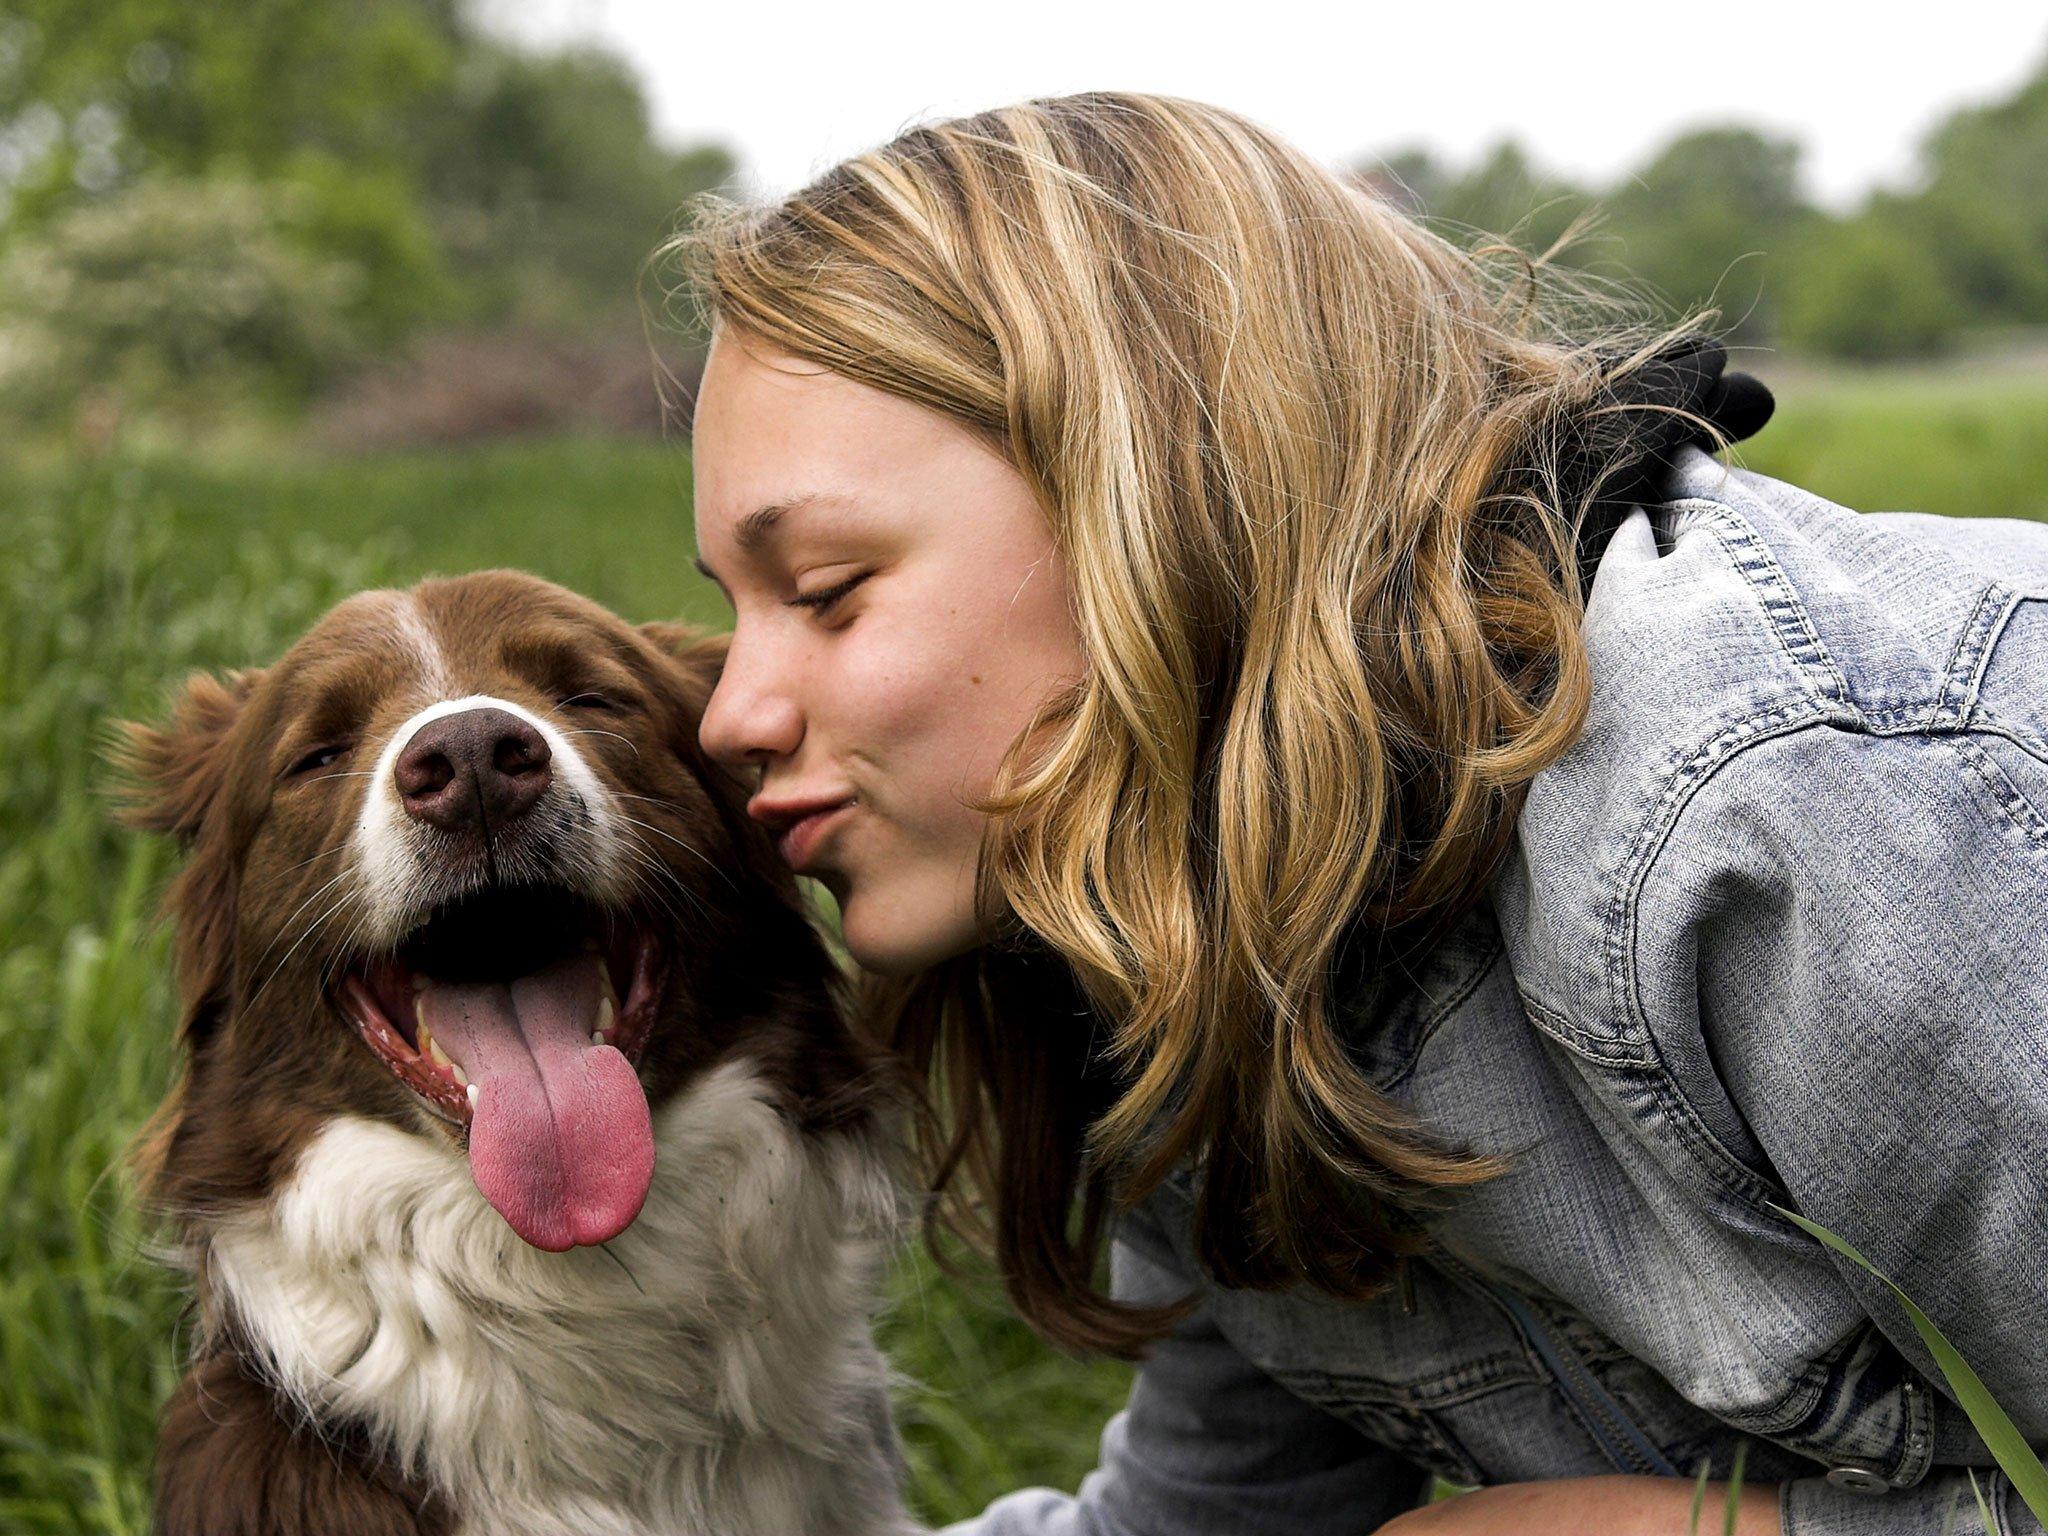 Compartilhar a vida com cães é maravilhoso, mas exige cuidados, responsabilidades e adaptação no estilo de vida.